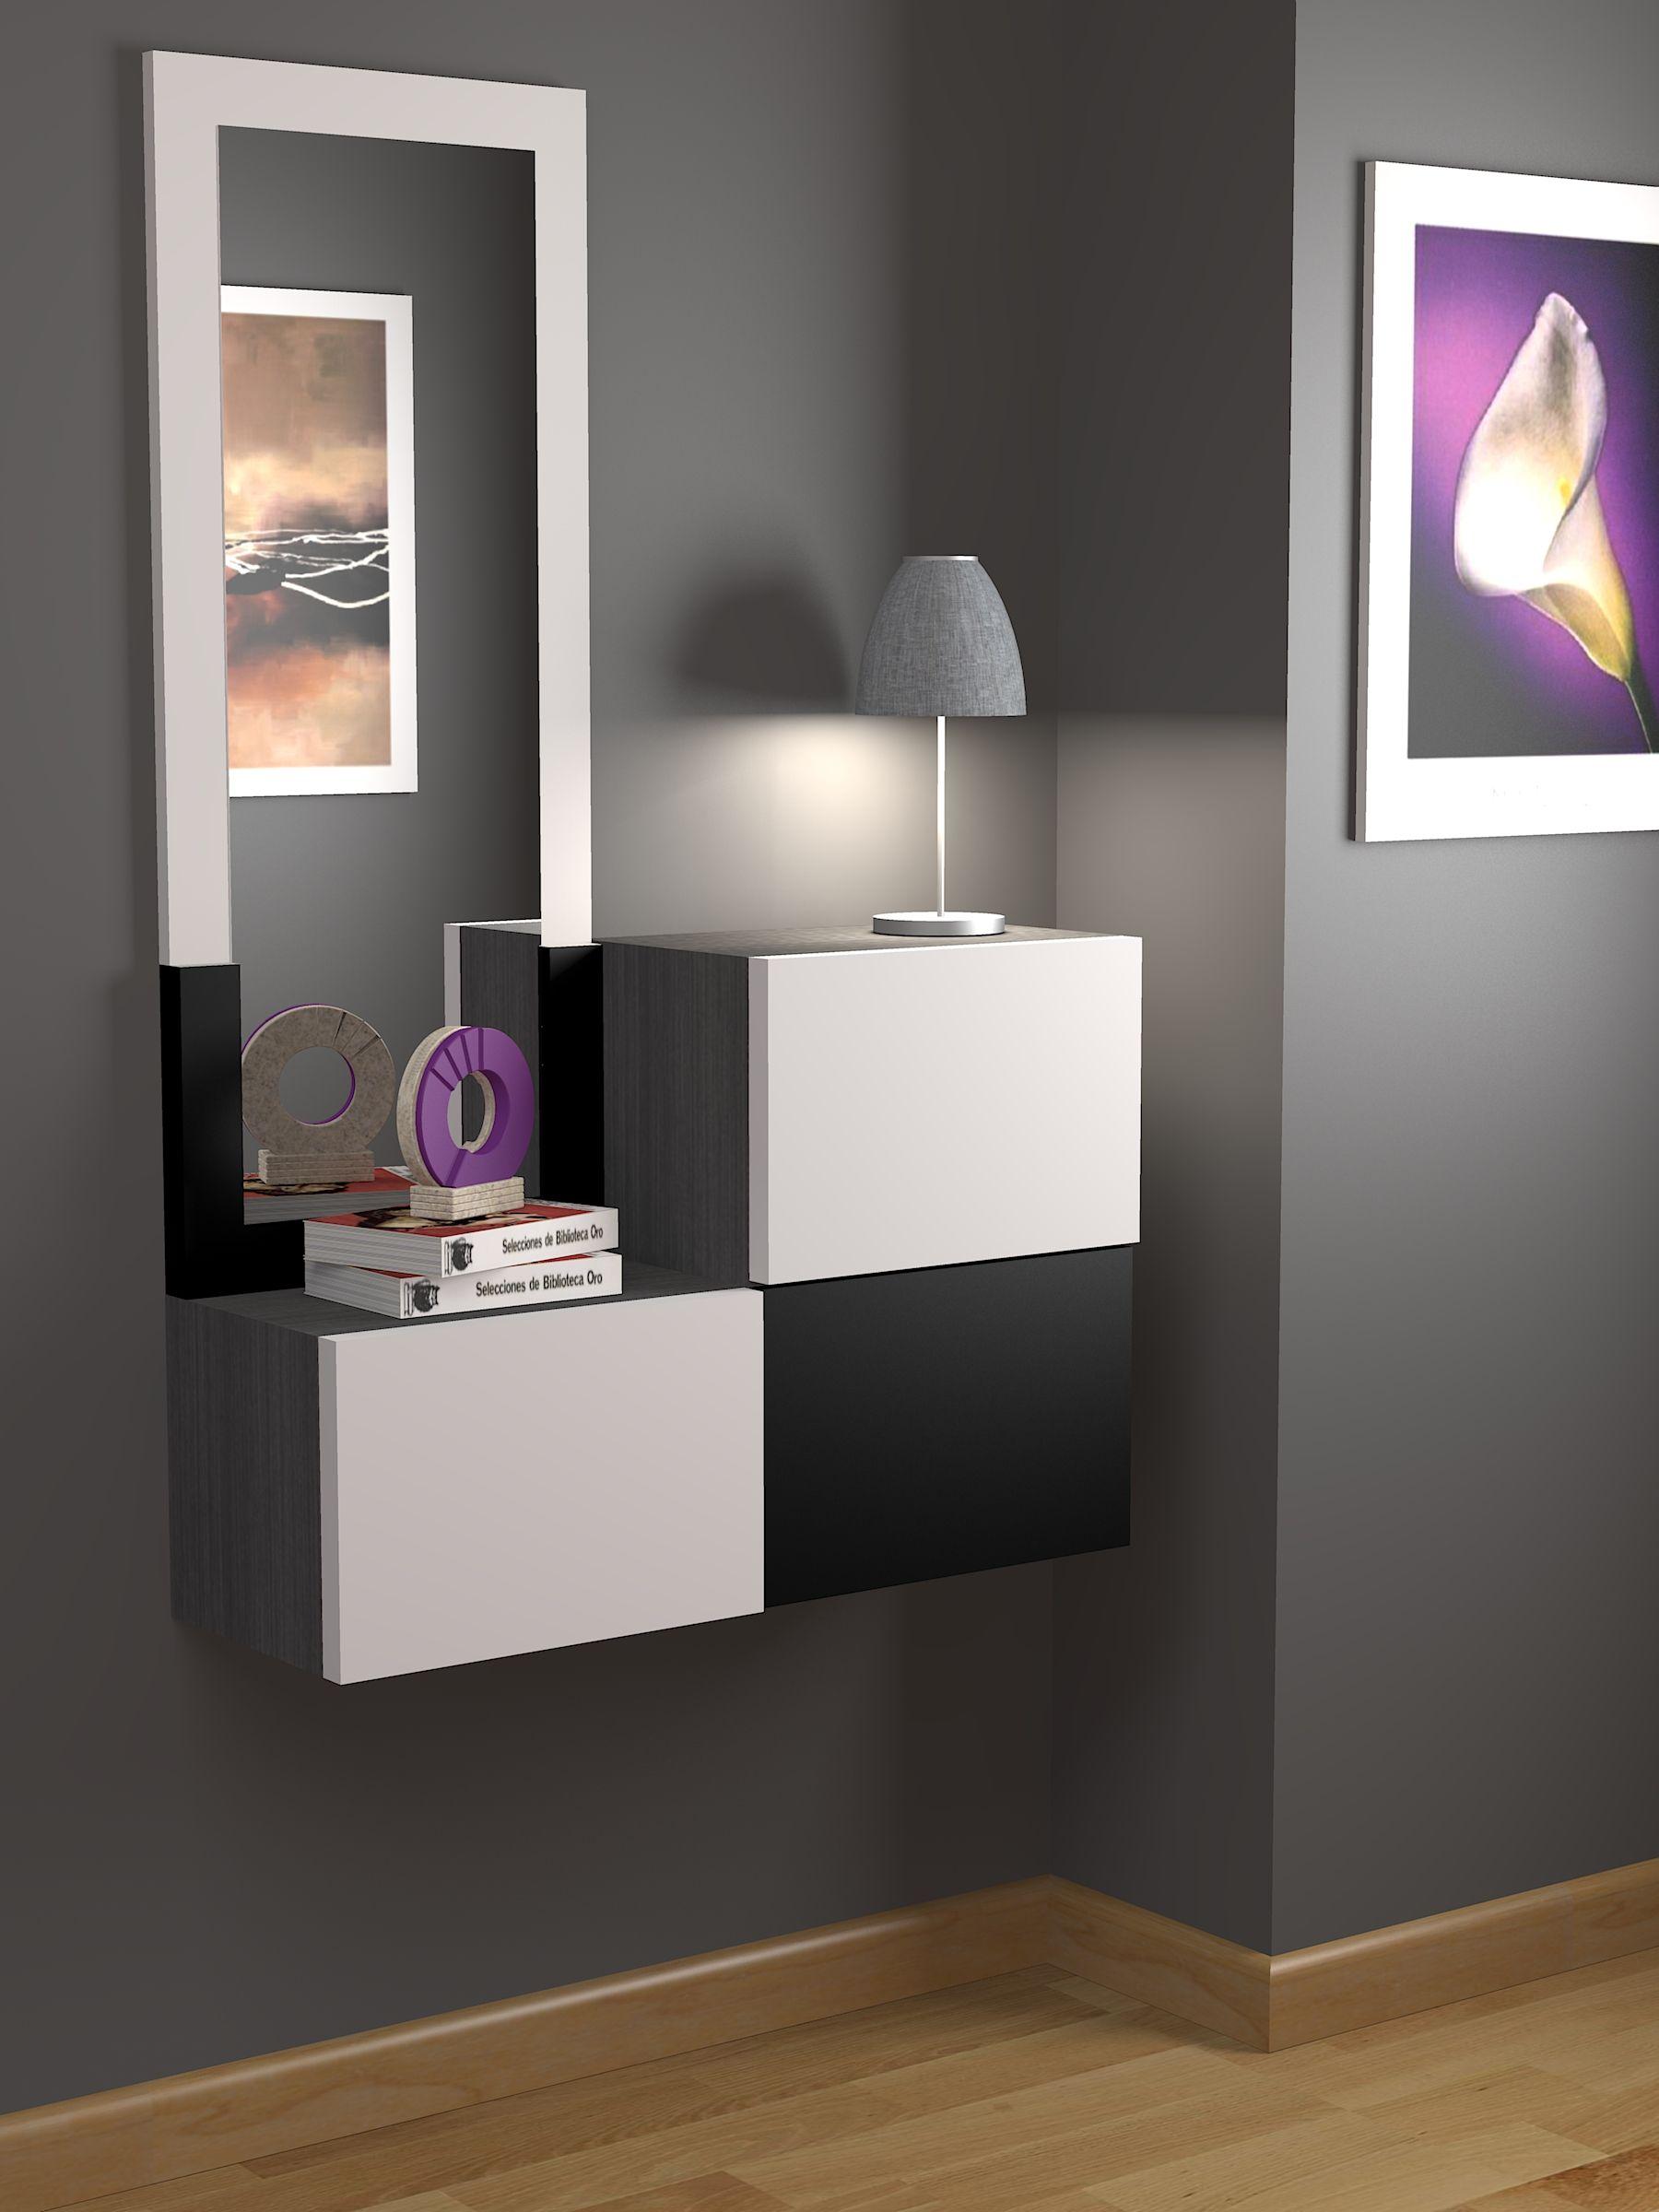 Recibidor a medida moderno acabado lacado color a elegir for Moderno furniture